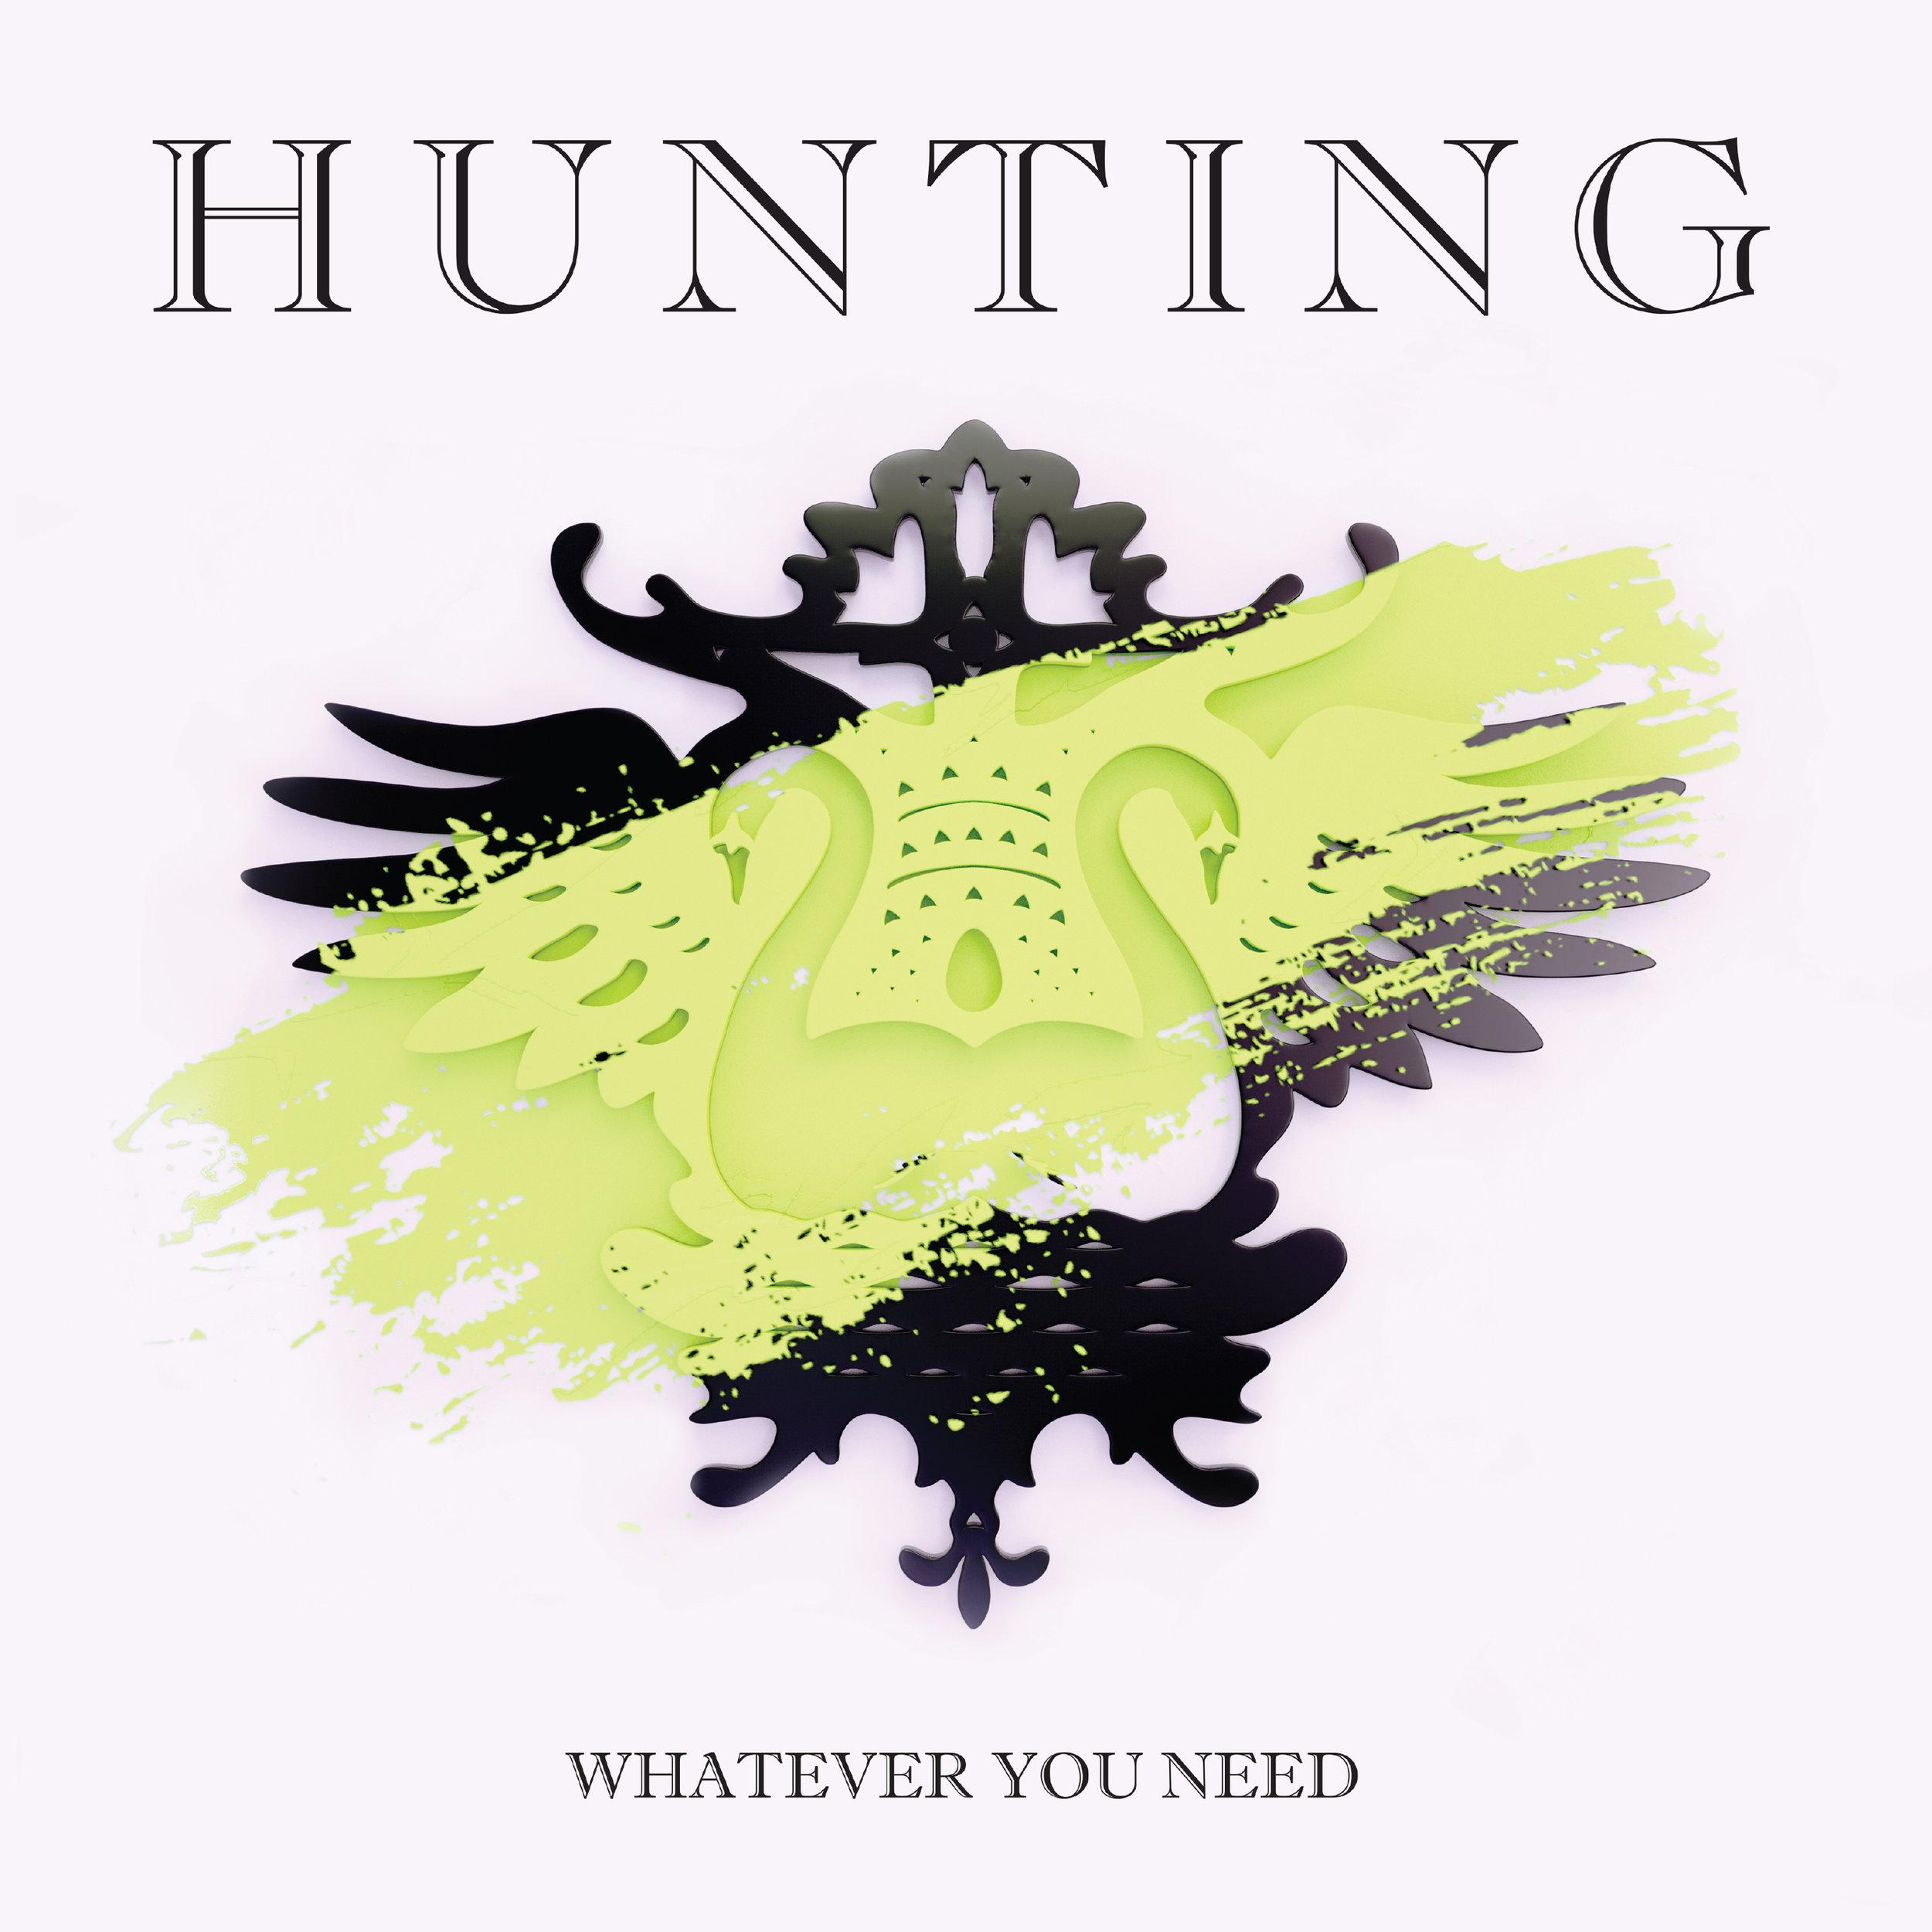 Hunting---Album-Cover-Art.jpg